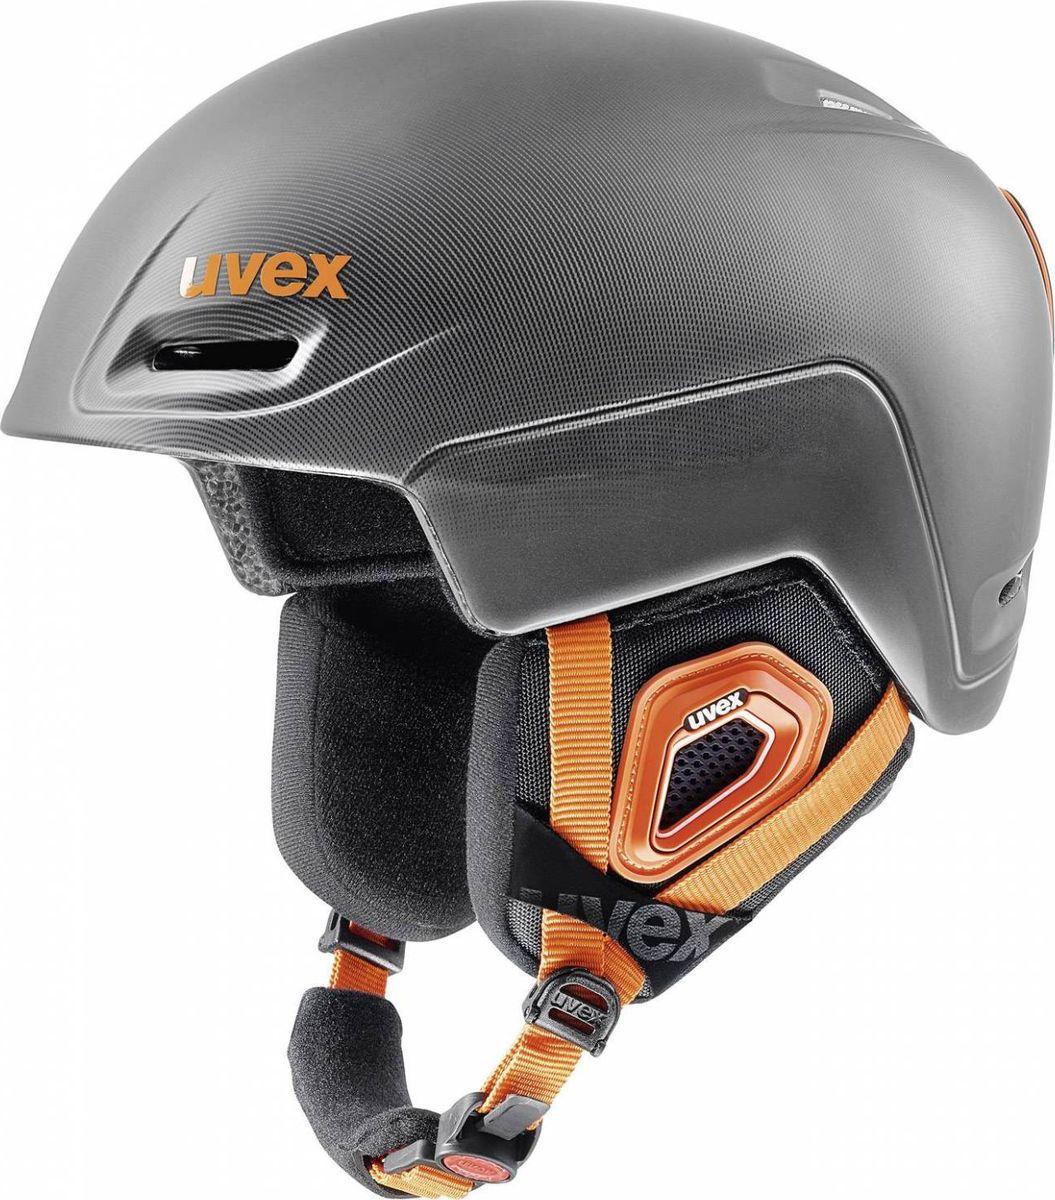 Шлем горнолыжный Uvex Jimm Helmet, цвет: серый, черный матовый. Размер L6206Удобный шлем Uvex Jimm Helmet обеспечит безопасность на склоне. В модели предусмотрена съемная защита ушей. Гипоаллергенная подкладка и регулируемая вентиляция гарантируют комфорт во время катания. Фиксатор стрэпа маски и застежка monomatiс, которую легко отрегулировать одной рукой, служат для удобства использования.